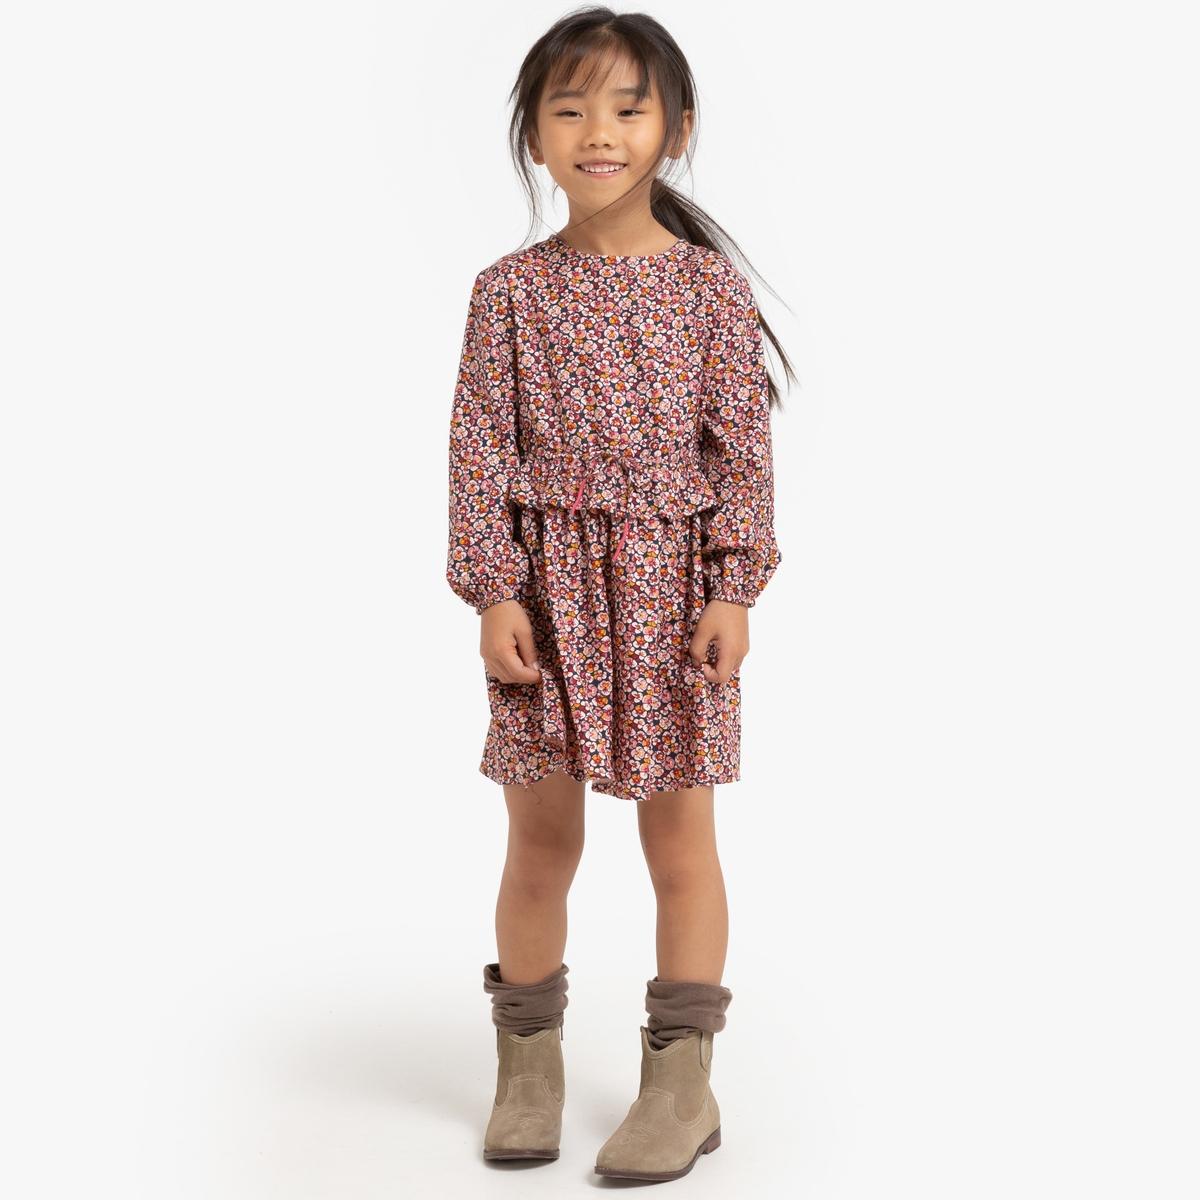 Платье La Redoute Струящееся с длинными рукавами и цветочным рисунком 12 лет -150 см другие пижама la redoute с шортами и цветочным принтом 12 лет 150 см другие